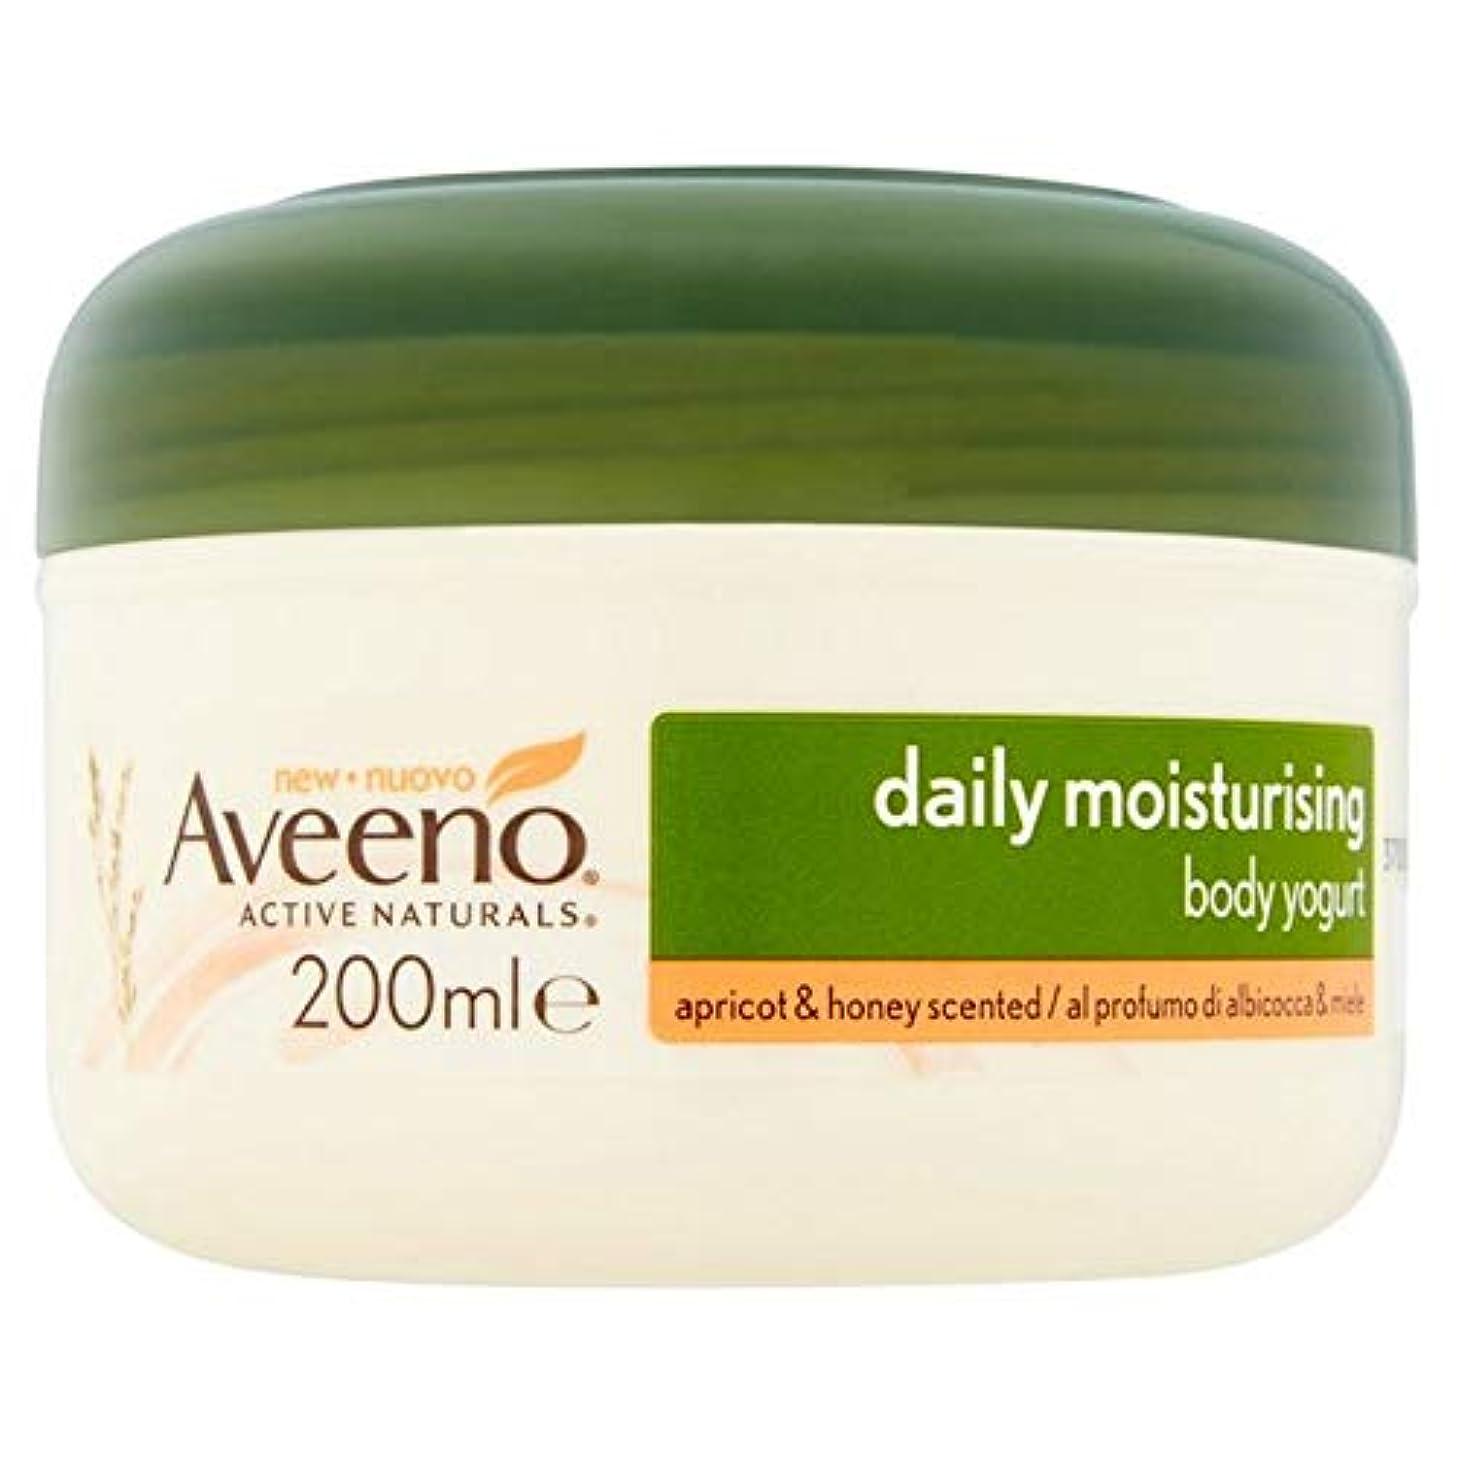 聞くふつう空白[Aveeno] Aveeno毎日保湿ボディヨーグルトアプリコット&ハニー200ミリリットル - Aveeno Daily Moisturising Body Yogurts Apricot & Honey 200ml [並行輸入品]